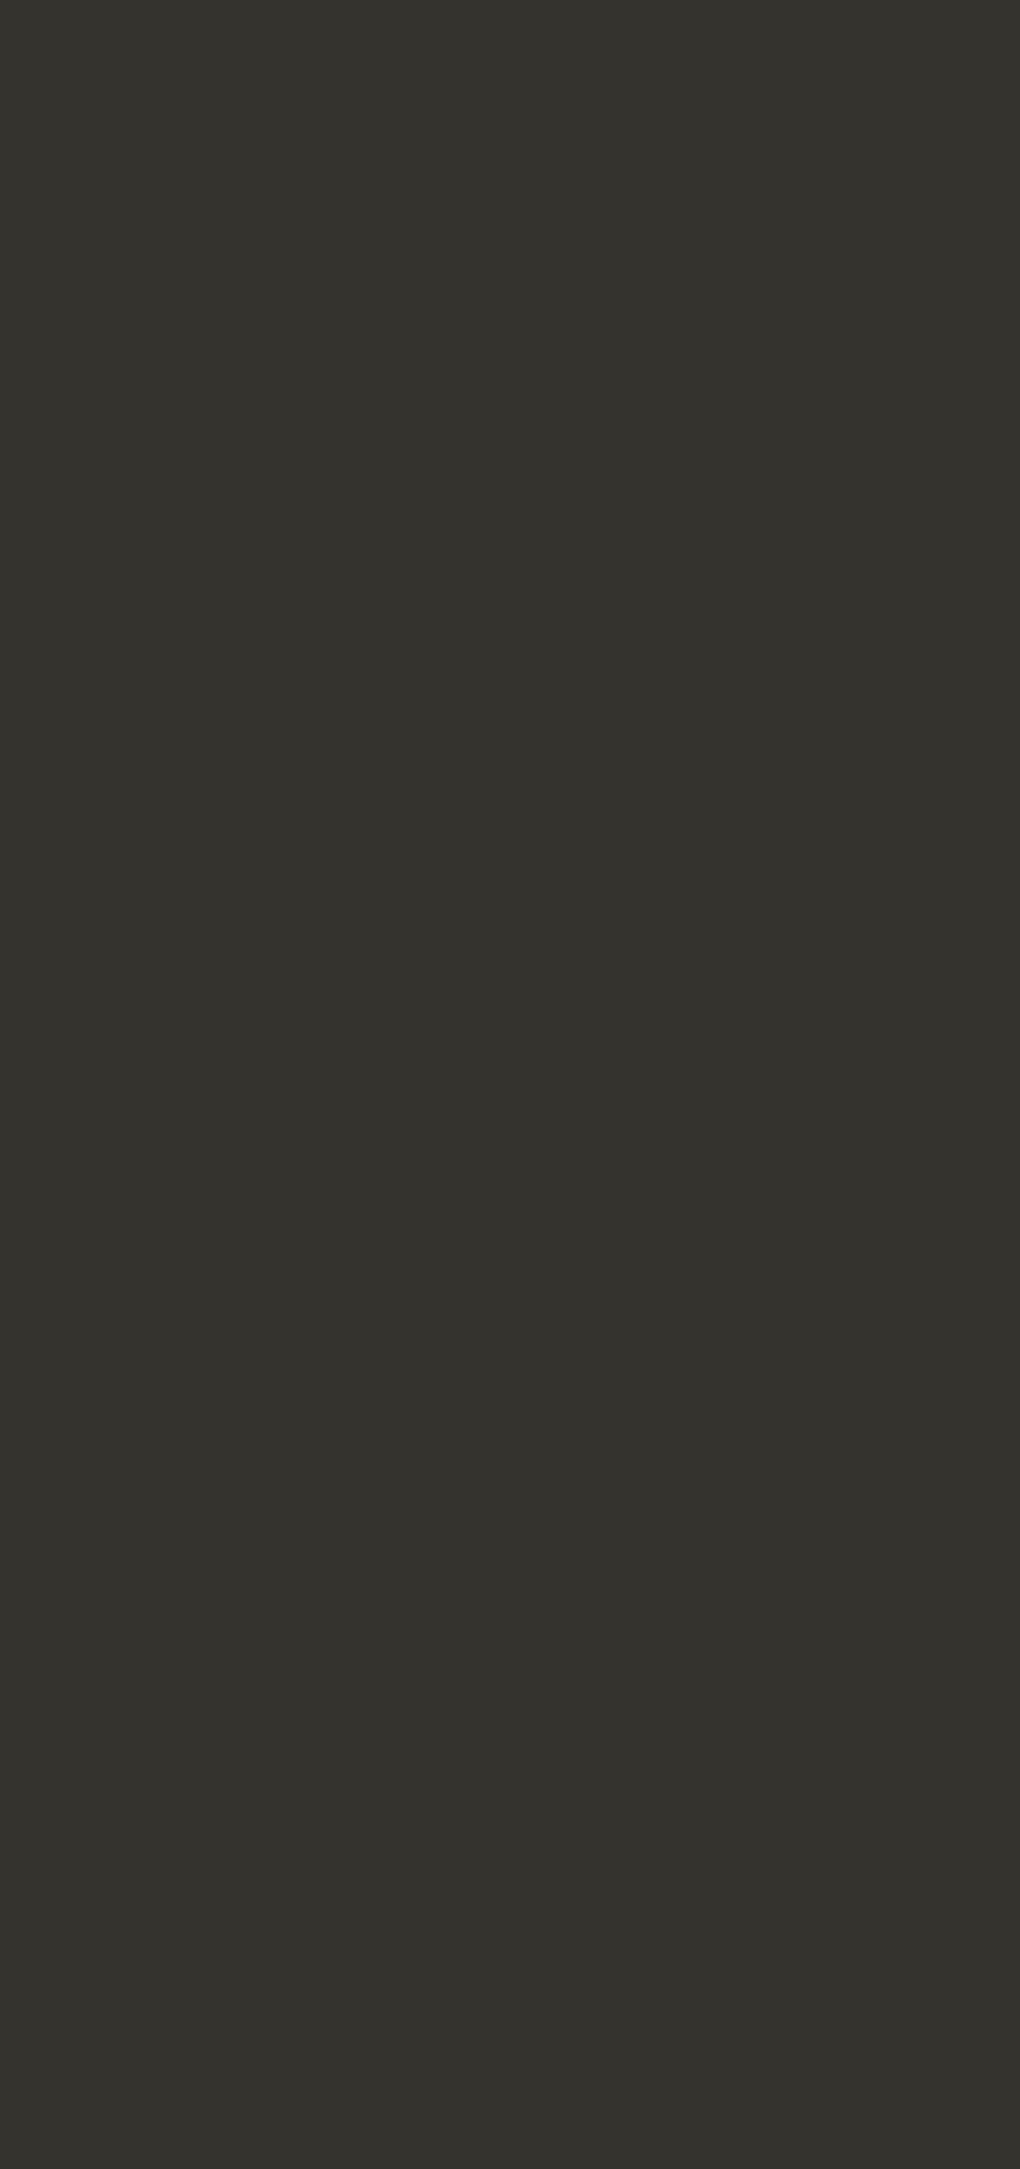 椒麻口味綜合組(椒麻原味x1, 椒麻辣椒麵x1,椒麻波浪寬麵x2) - 22